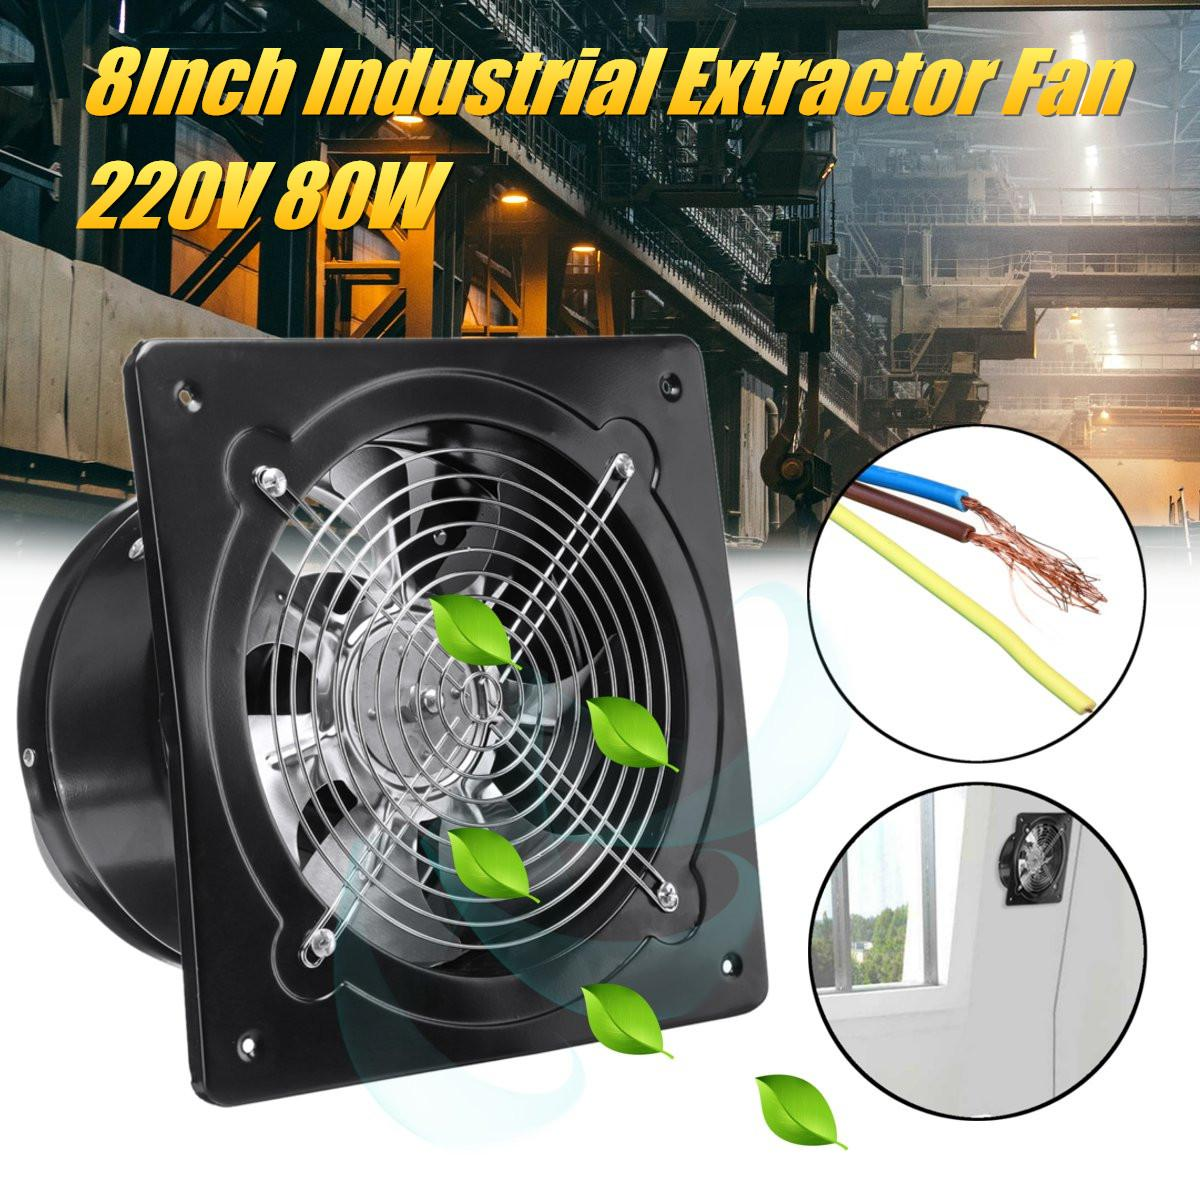 Polegada 220 V 80 8 W aço inoxidável ventilador exaustor de ventilação industrial ventilador de montagem de parede de metal do painel da janela da cozinha extrator